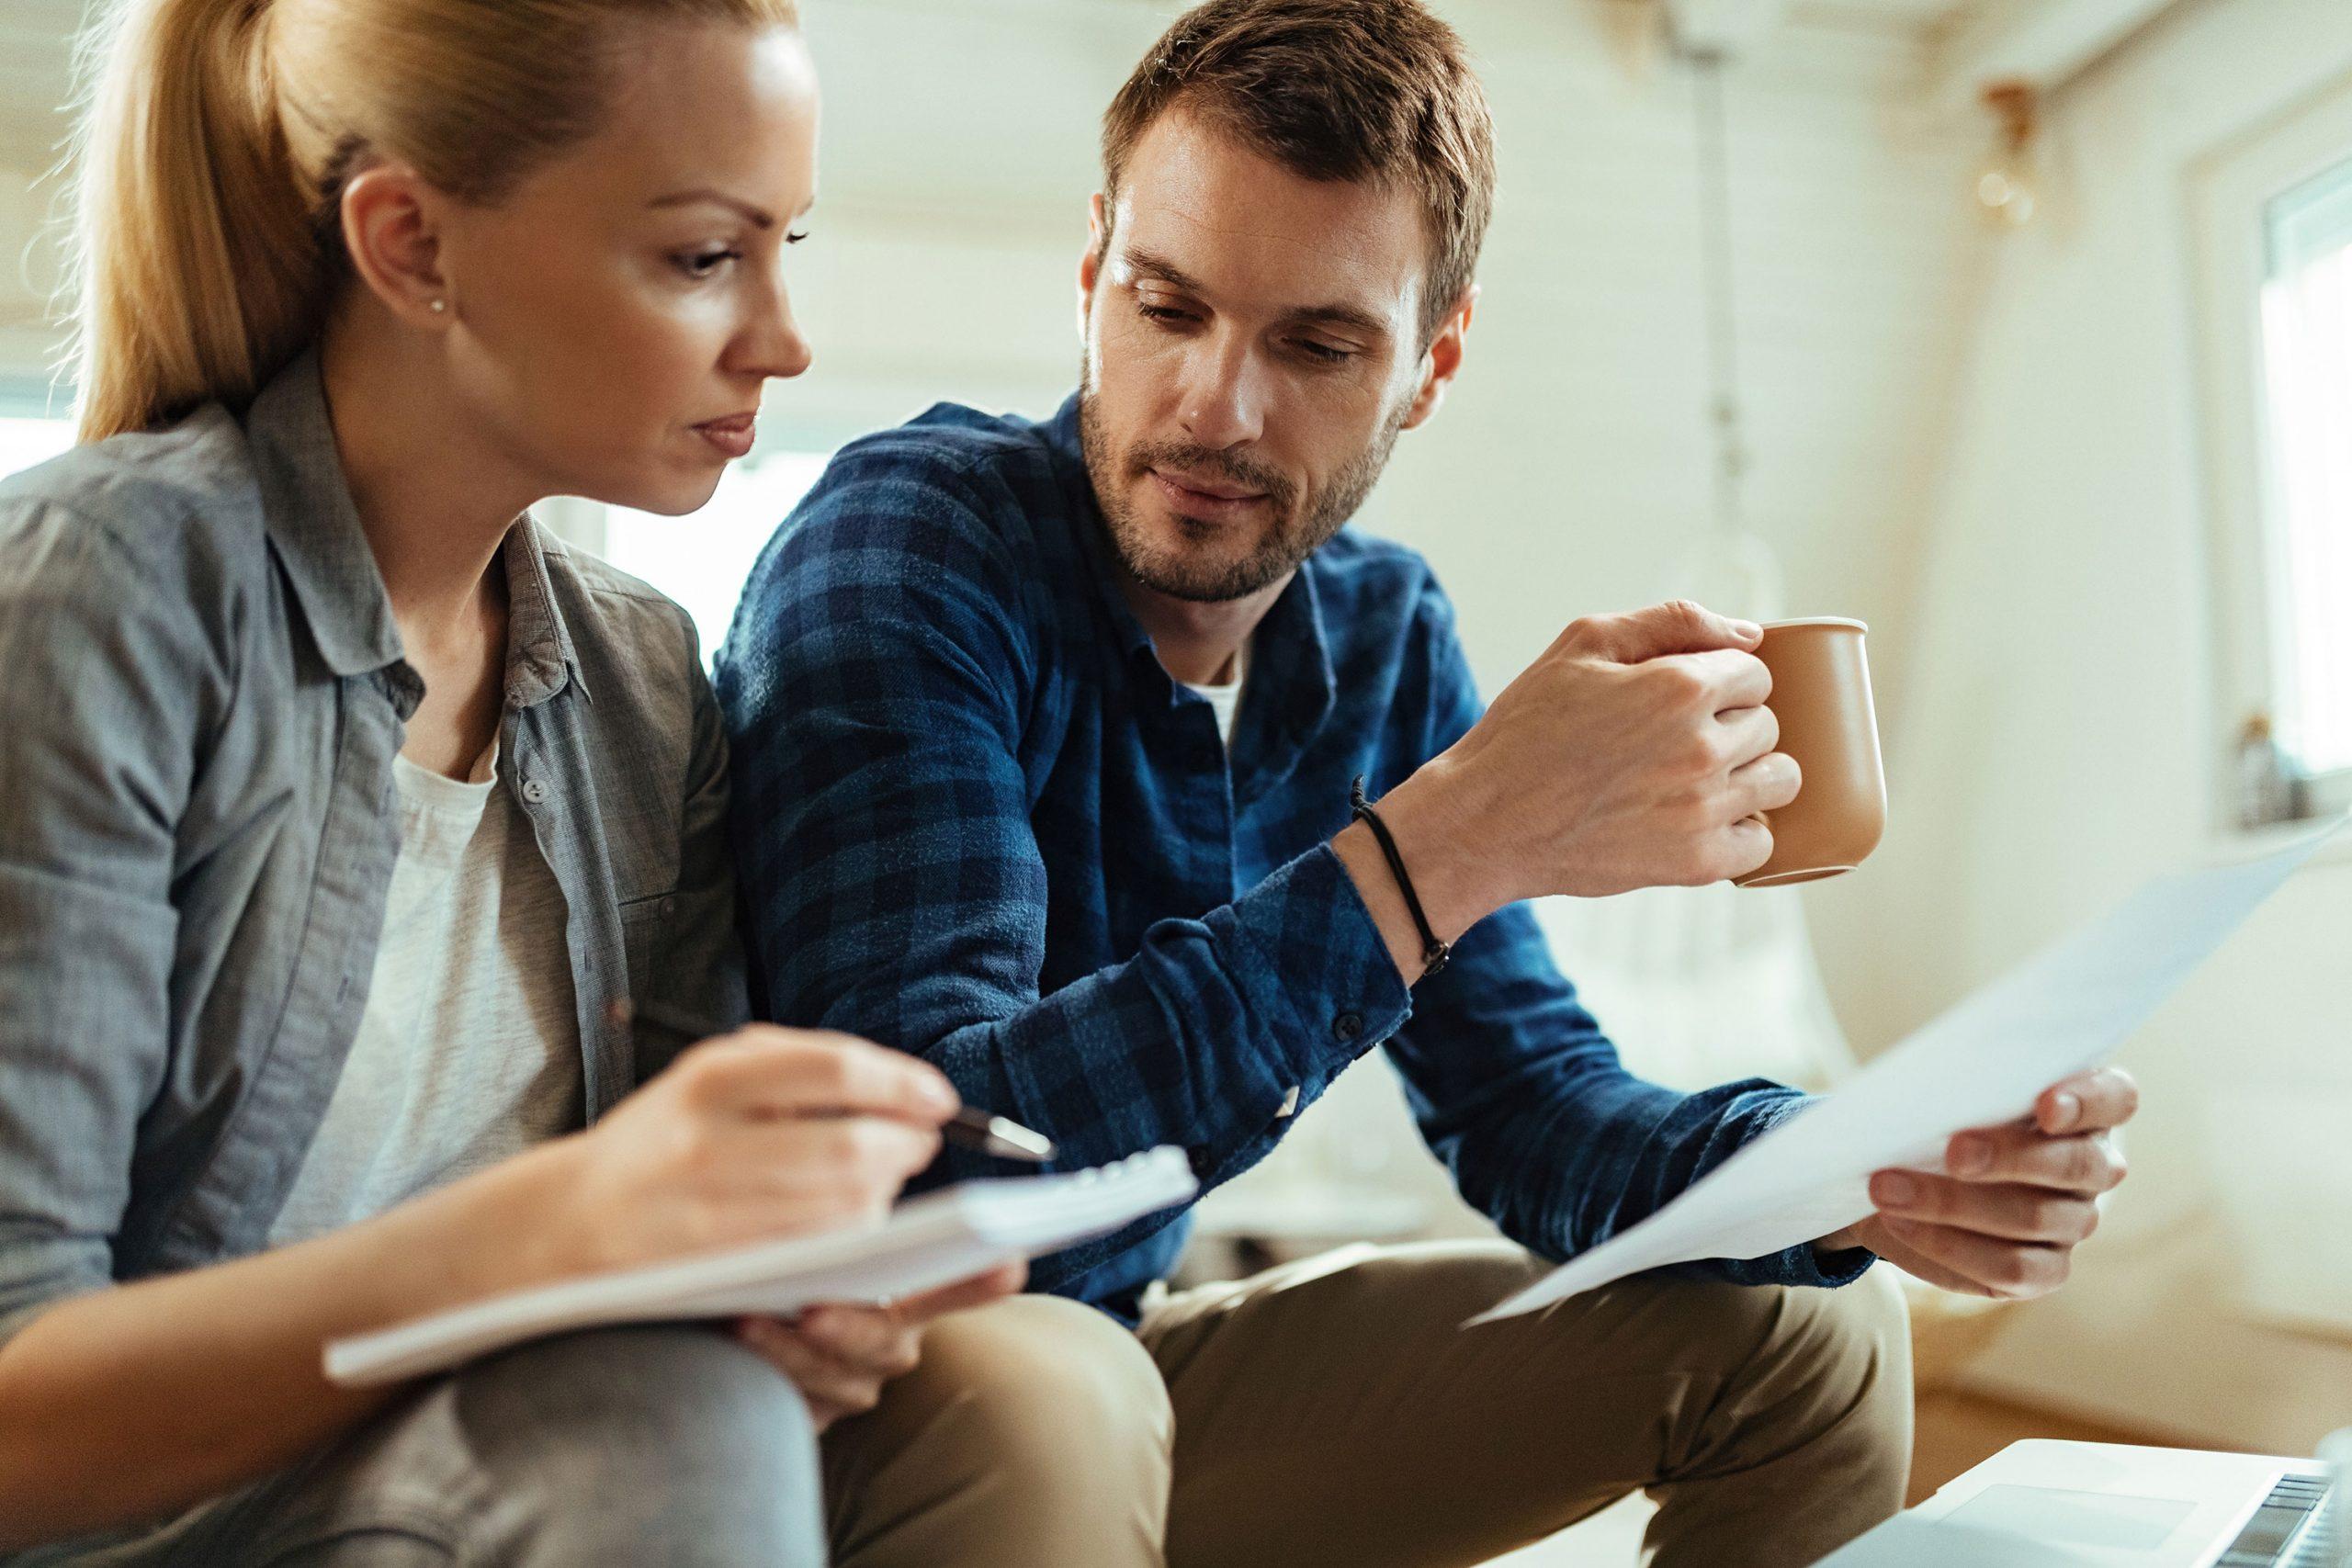 Relatie problemen oplossen door te werken aan je relatie